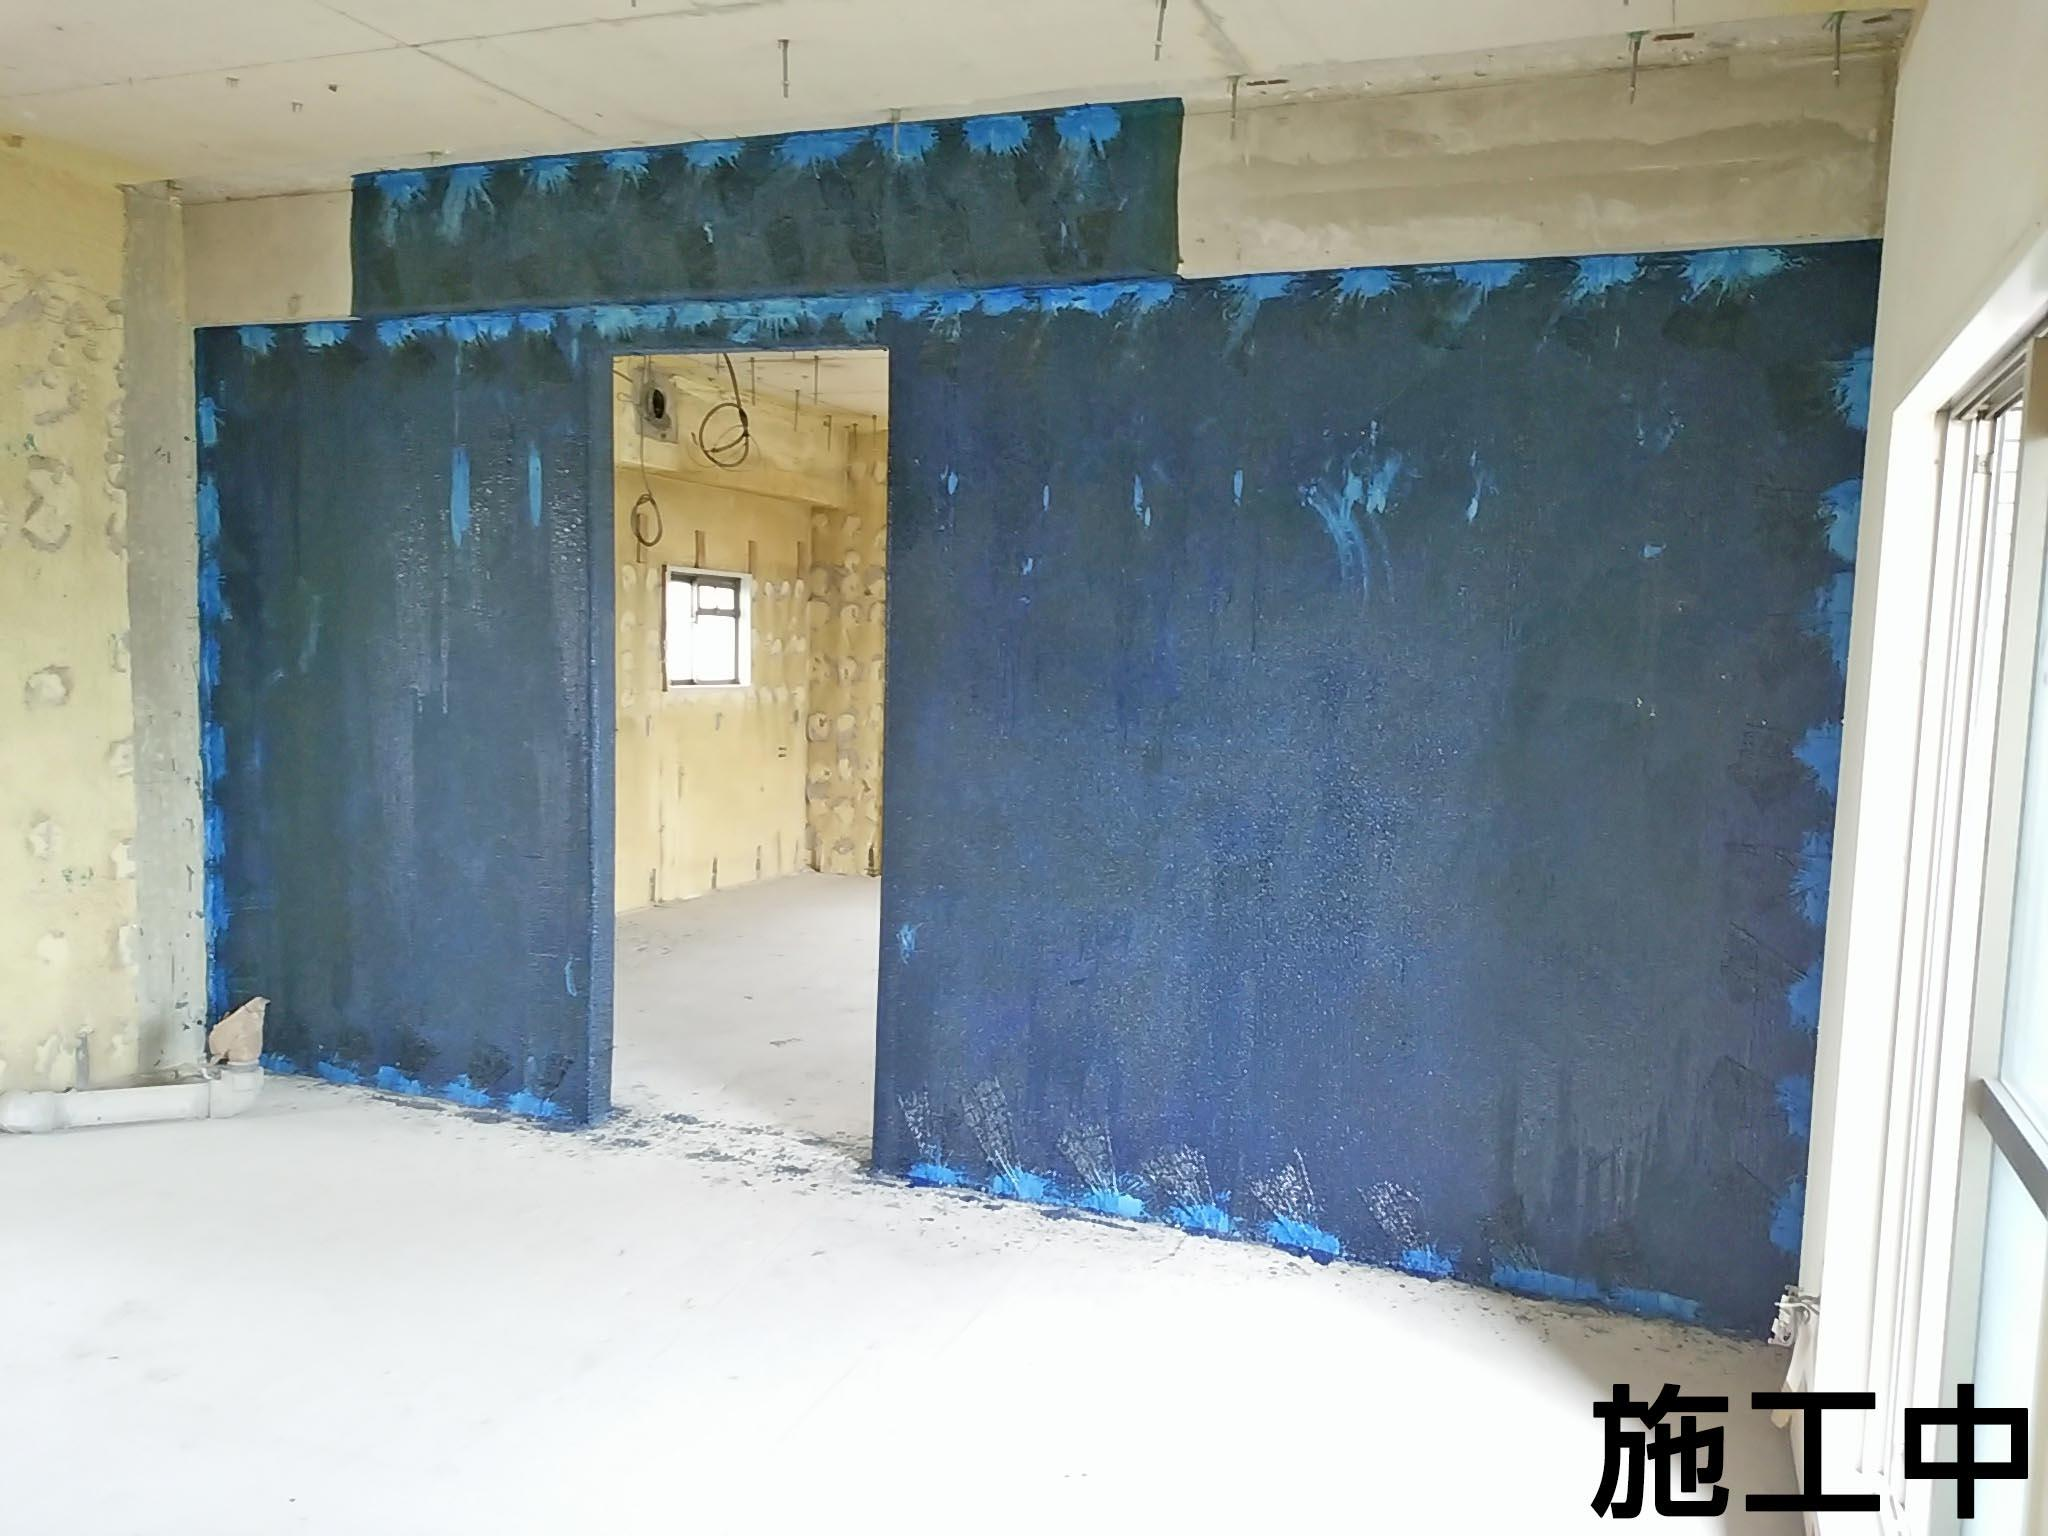 Gマンション内部改修工事